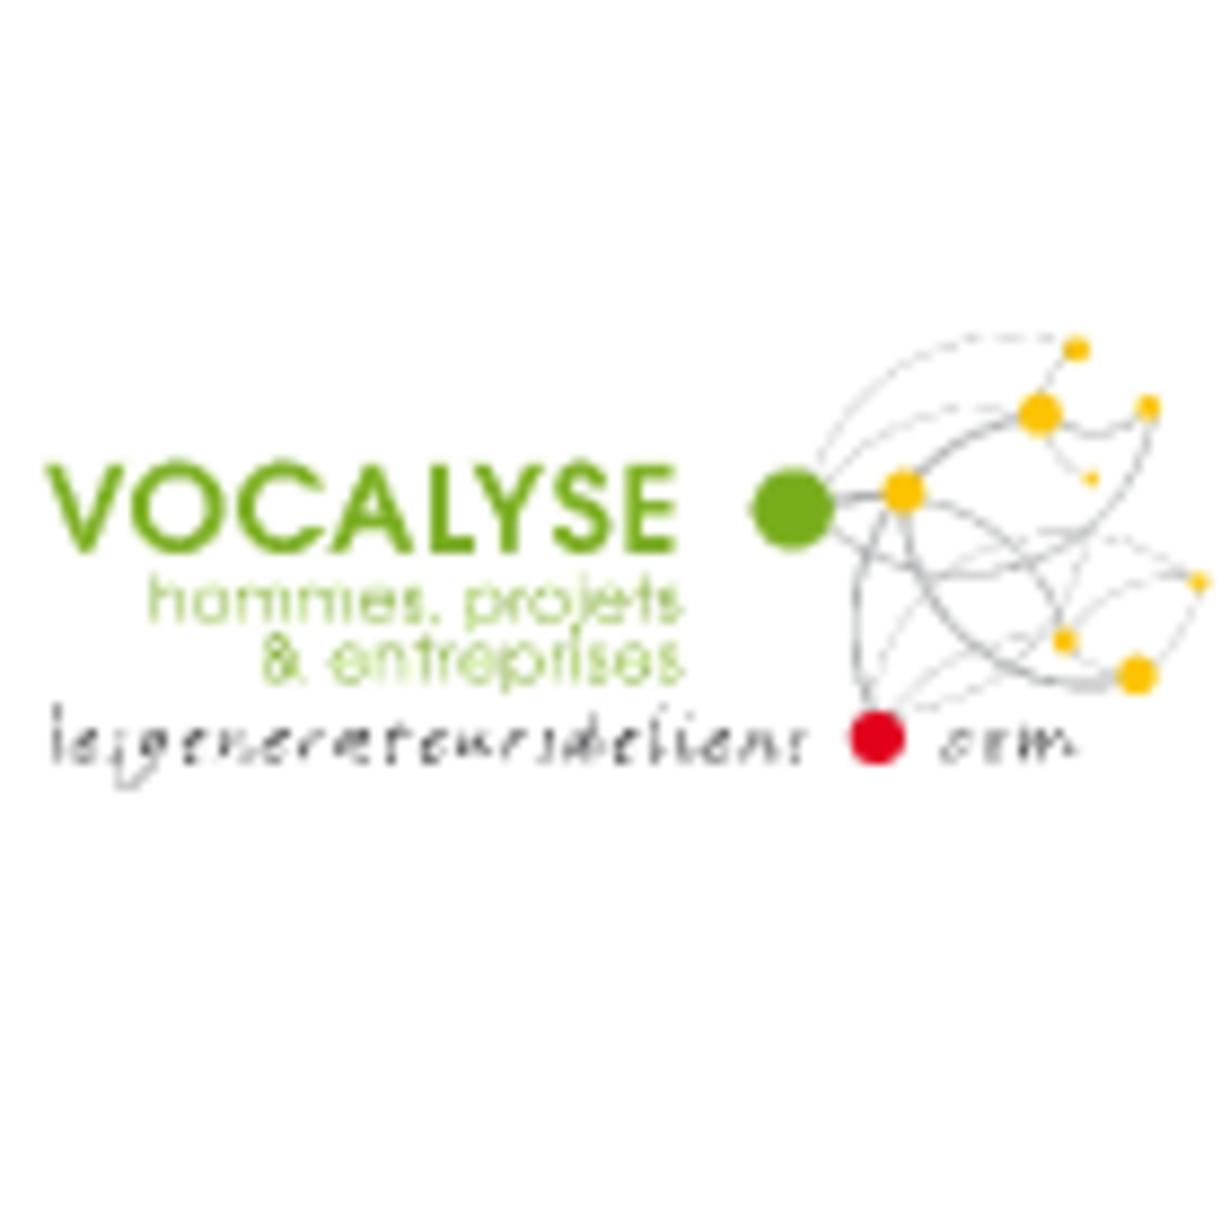 vocalyse